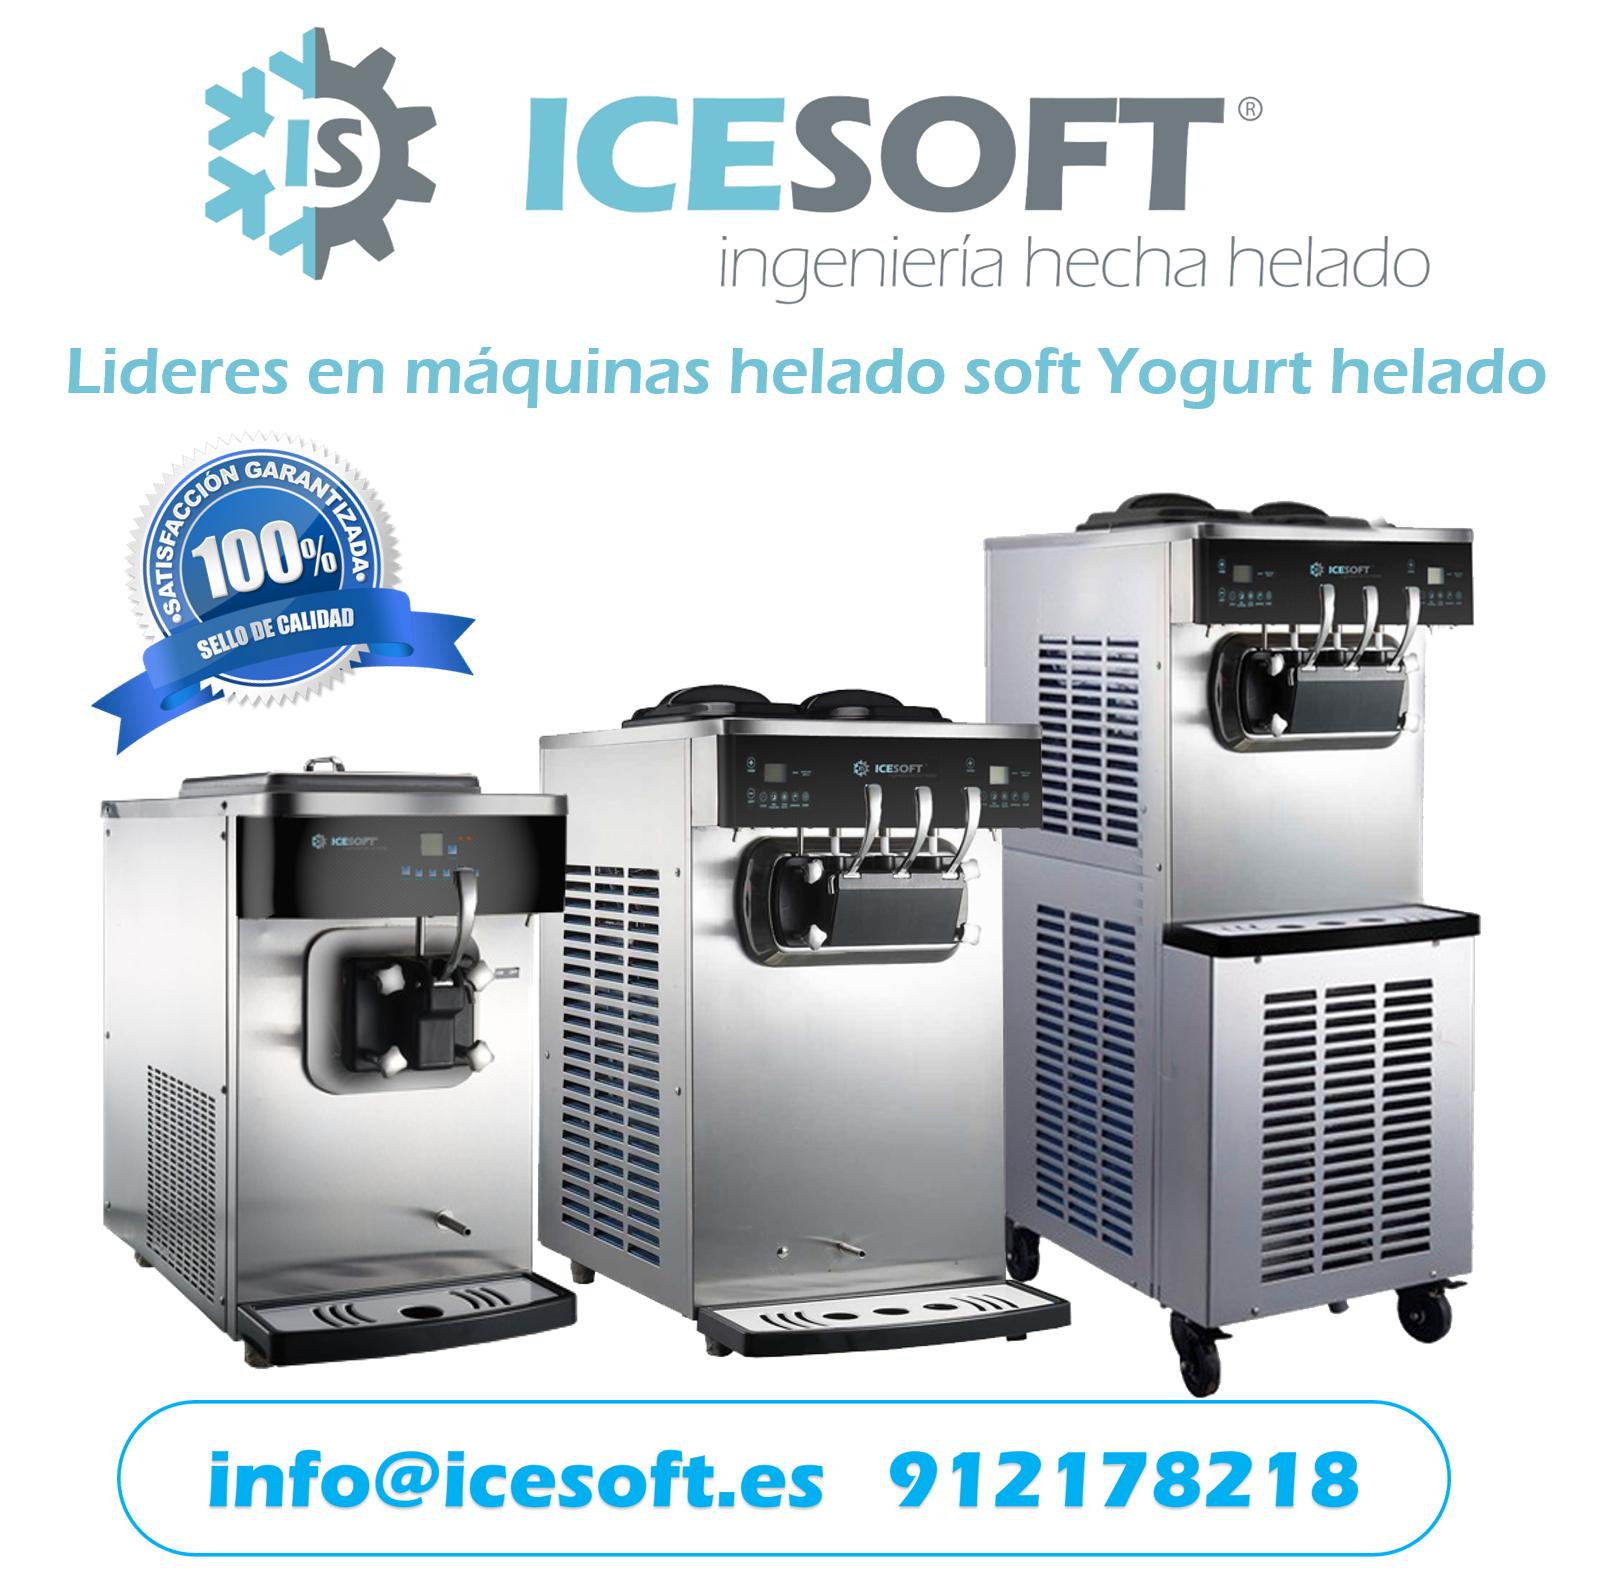 Lideres en máquinas de helado soft / yogurt helado